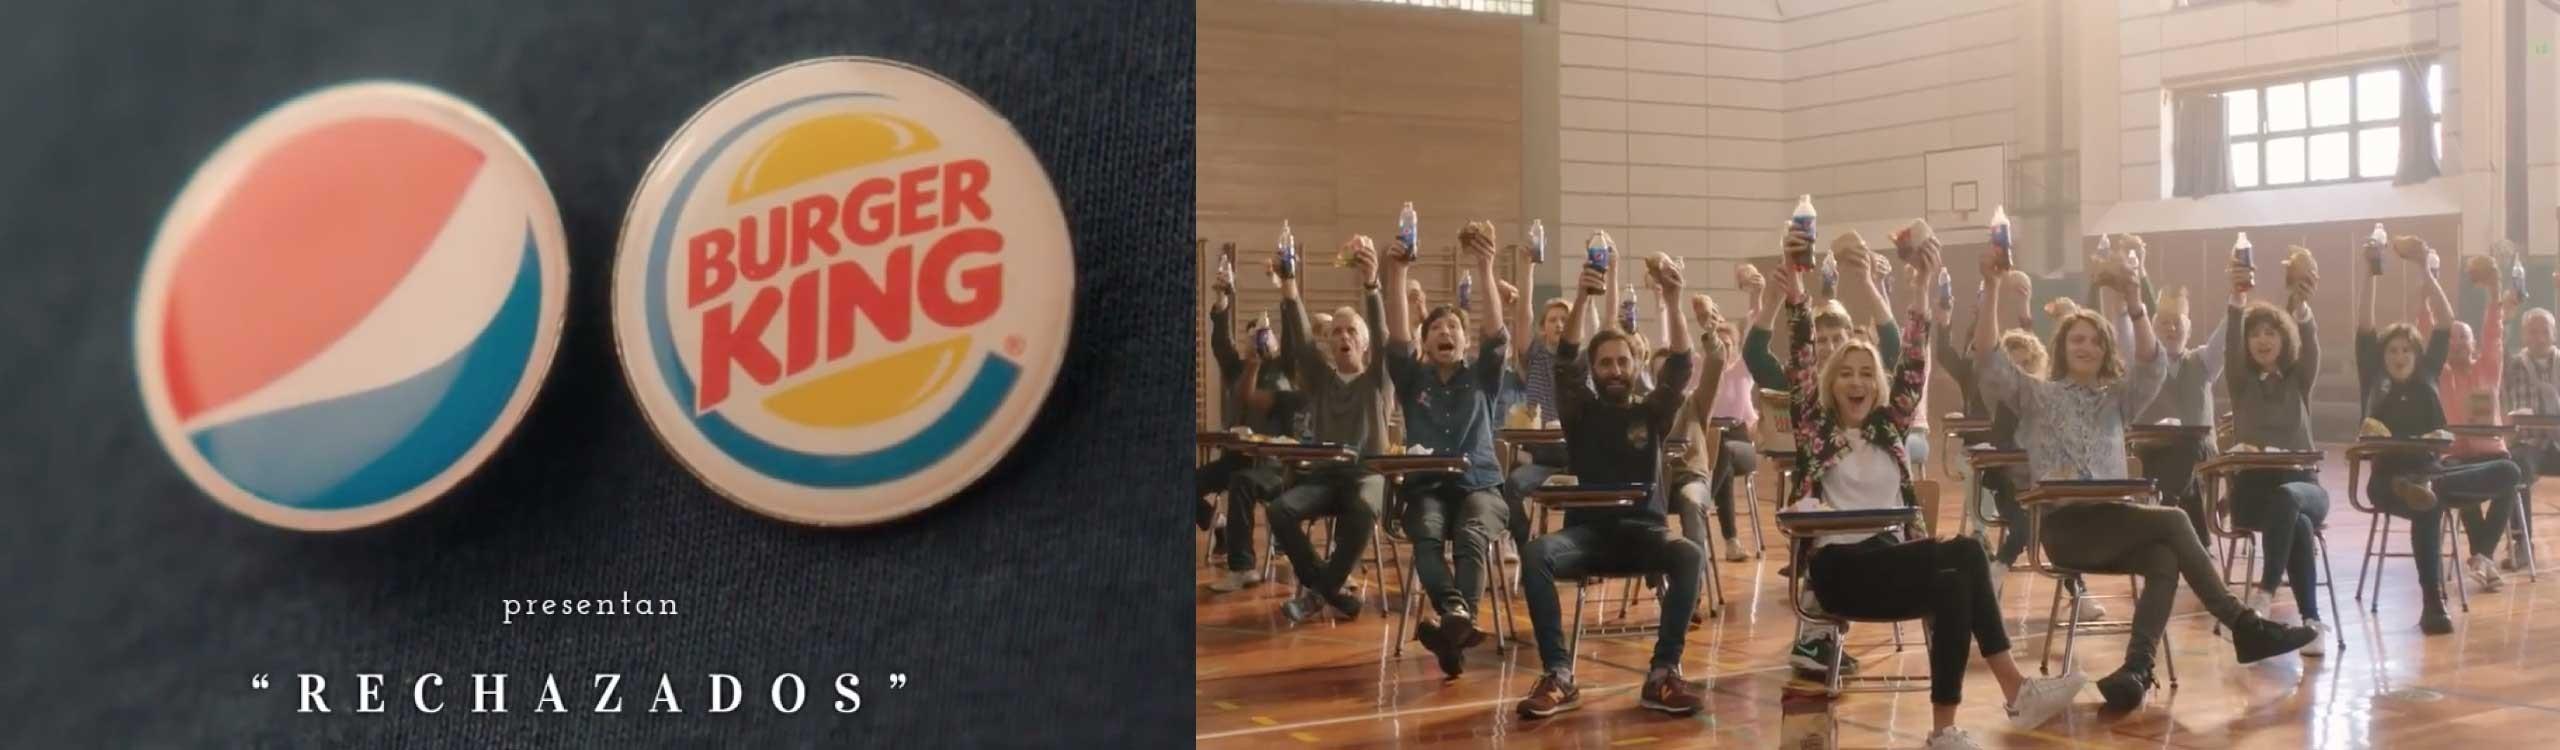 pepsi y burger king lanzan una divertida campaña contra coca-cola y mcdonald's en argentina